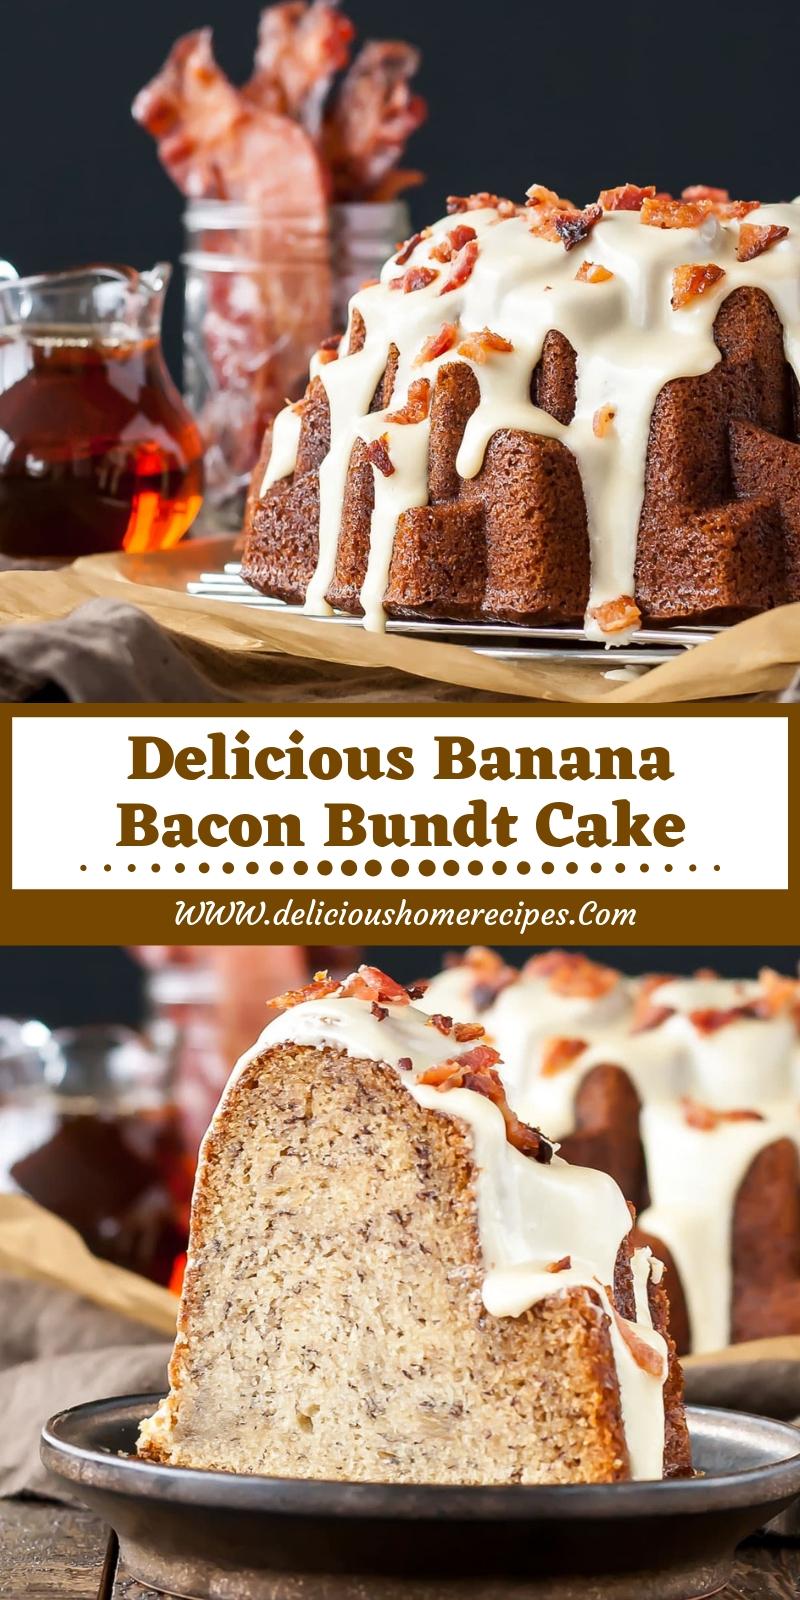 Delicious Banana Bacon Bundt Cake